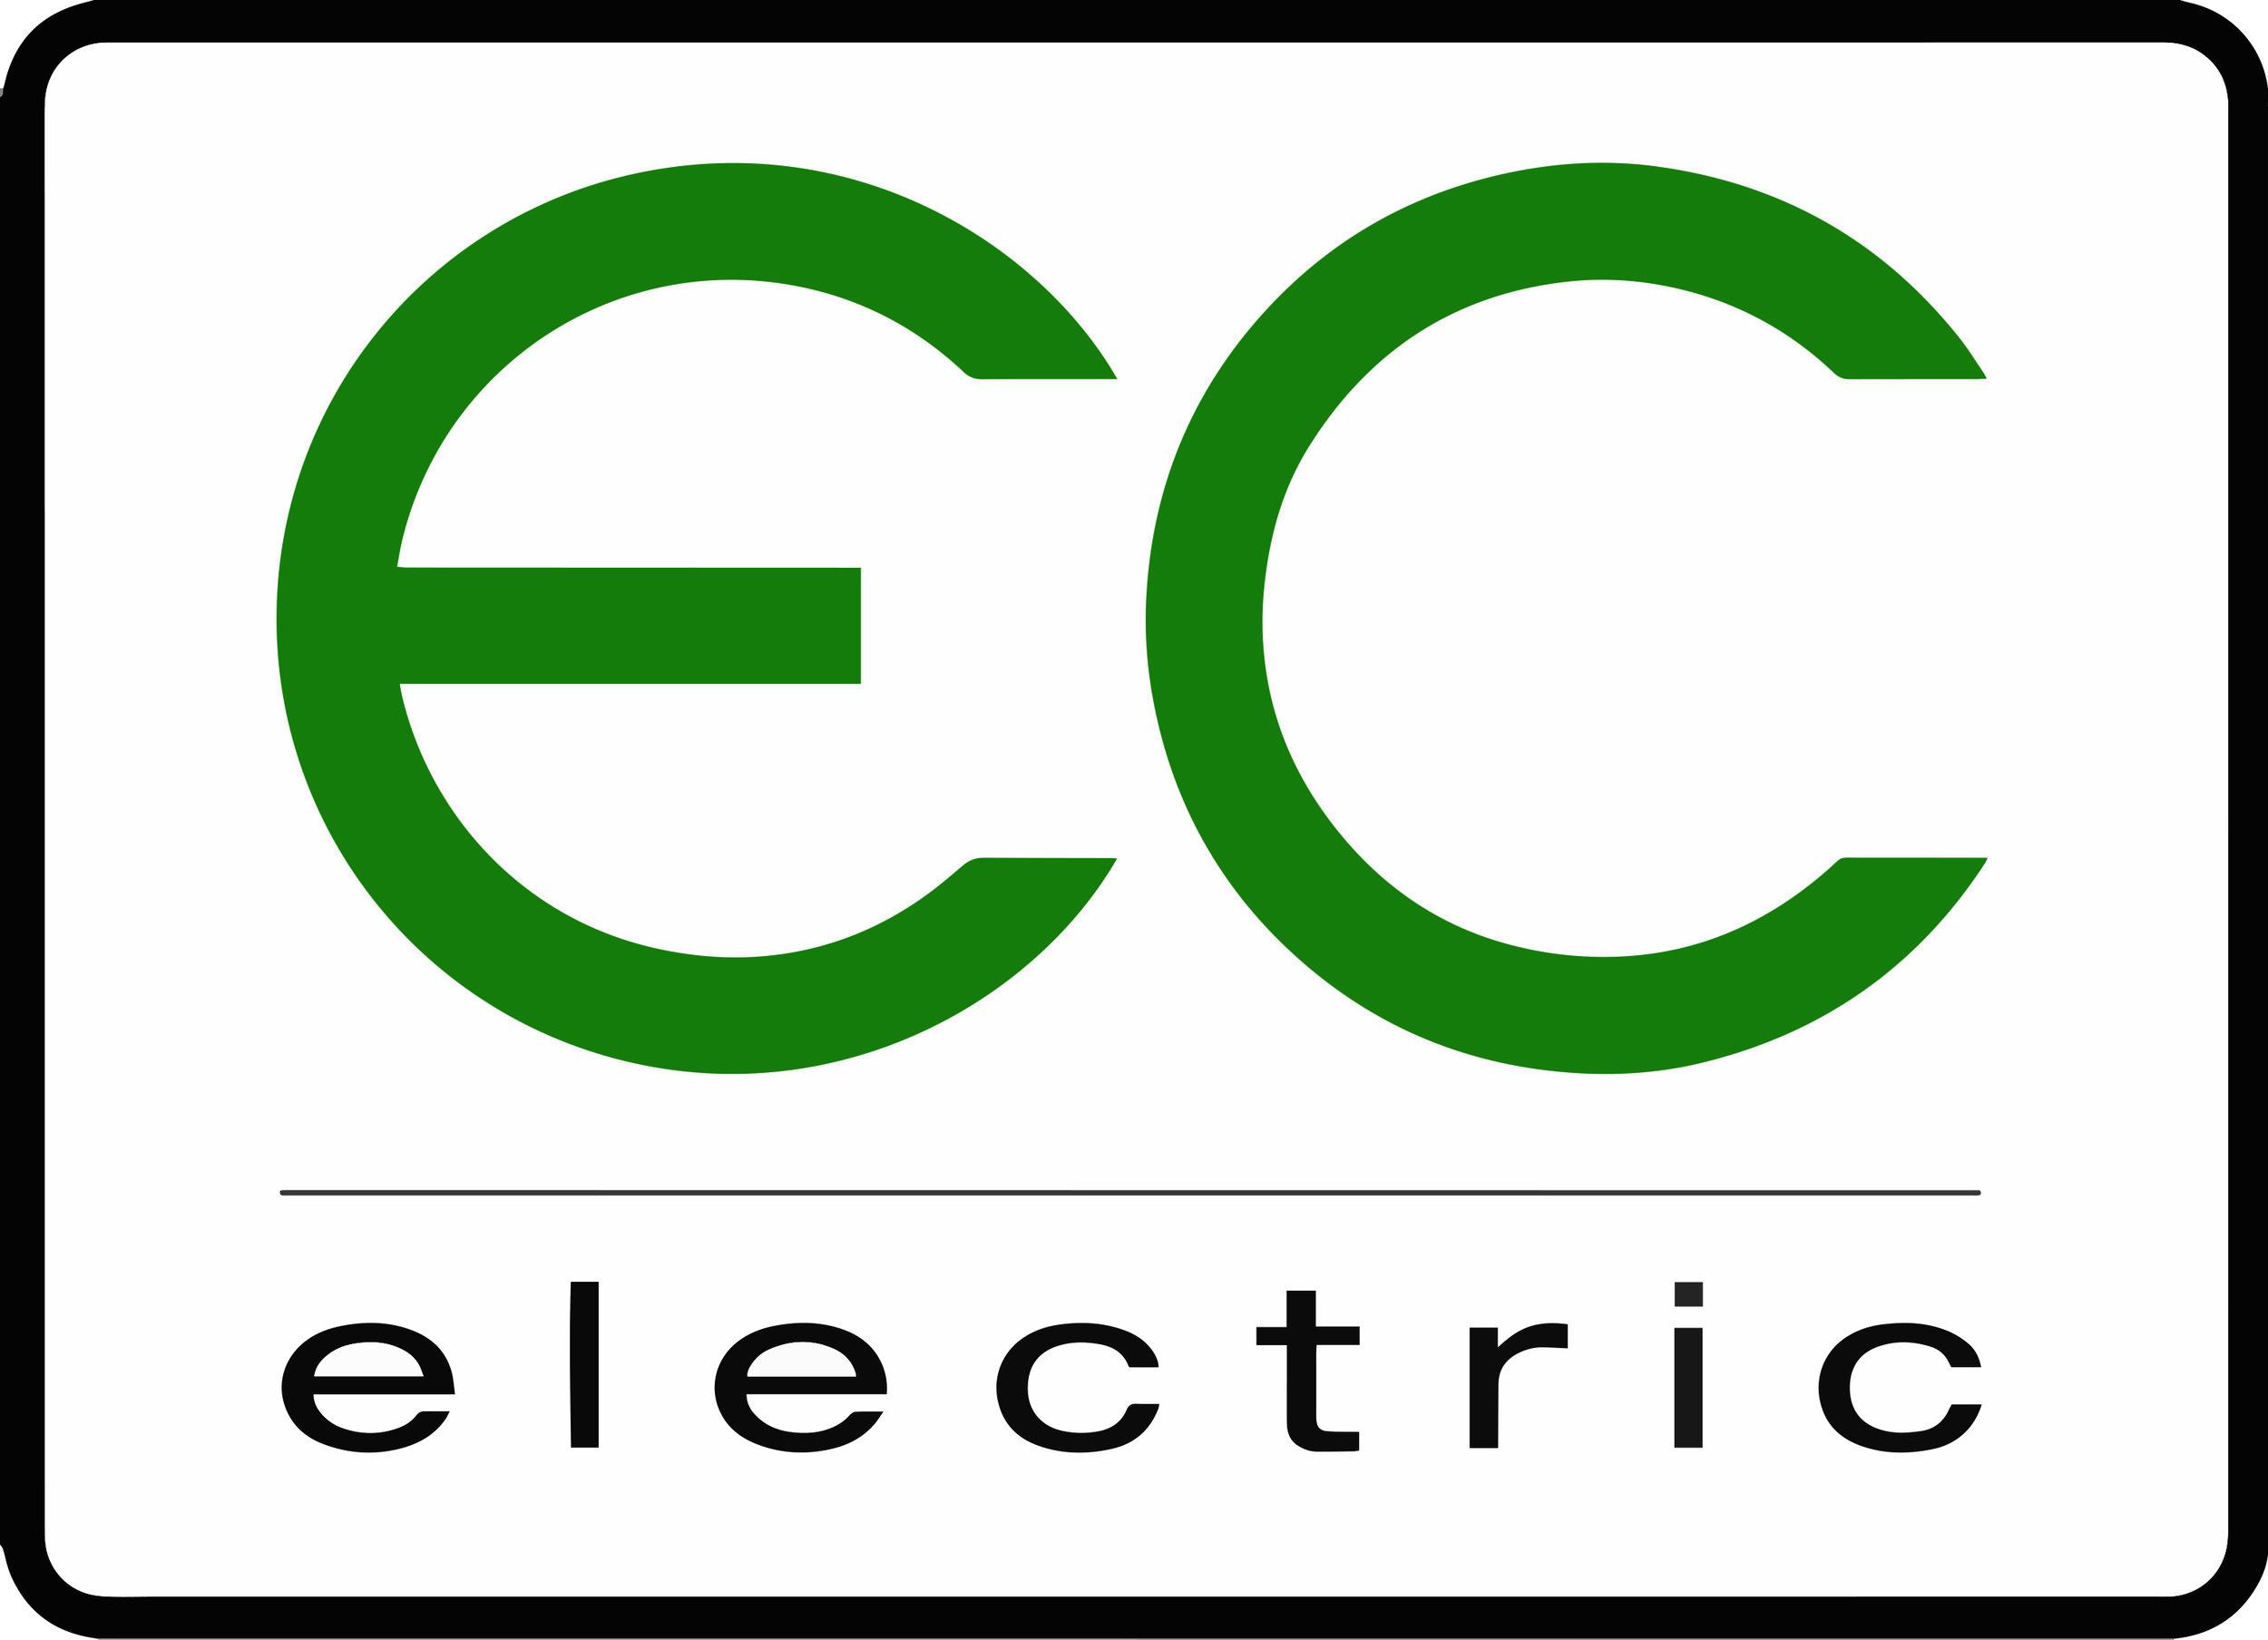 EC Electric-vector.jpg